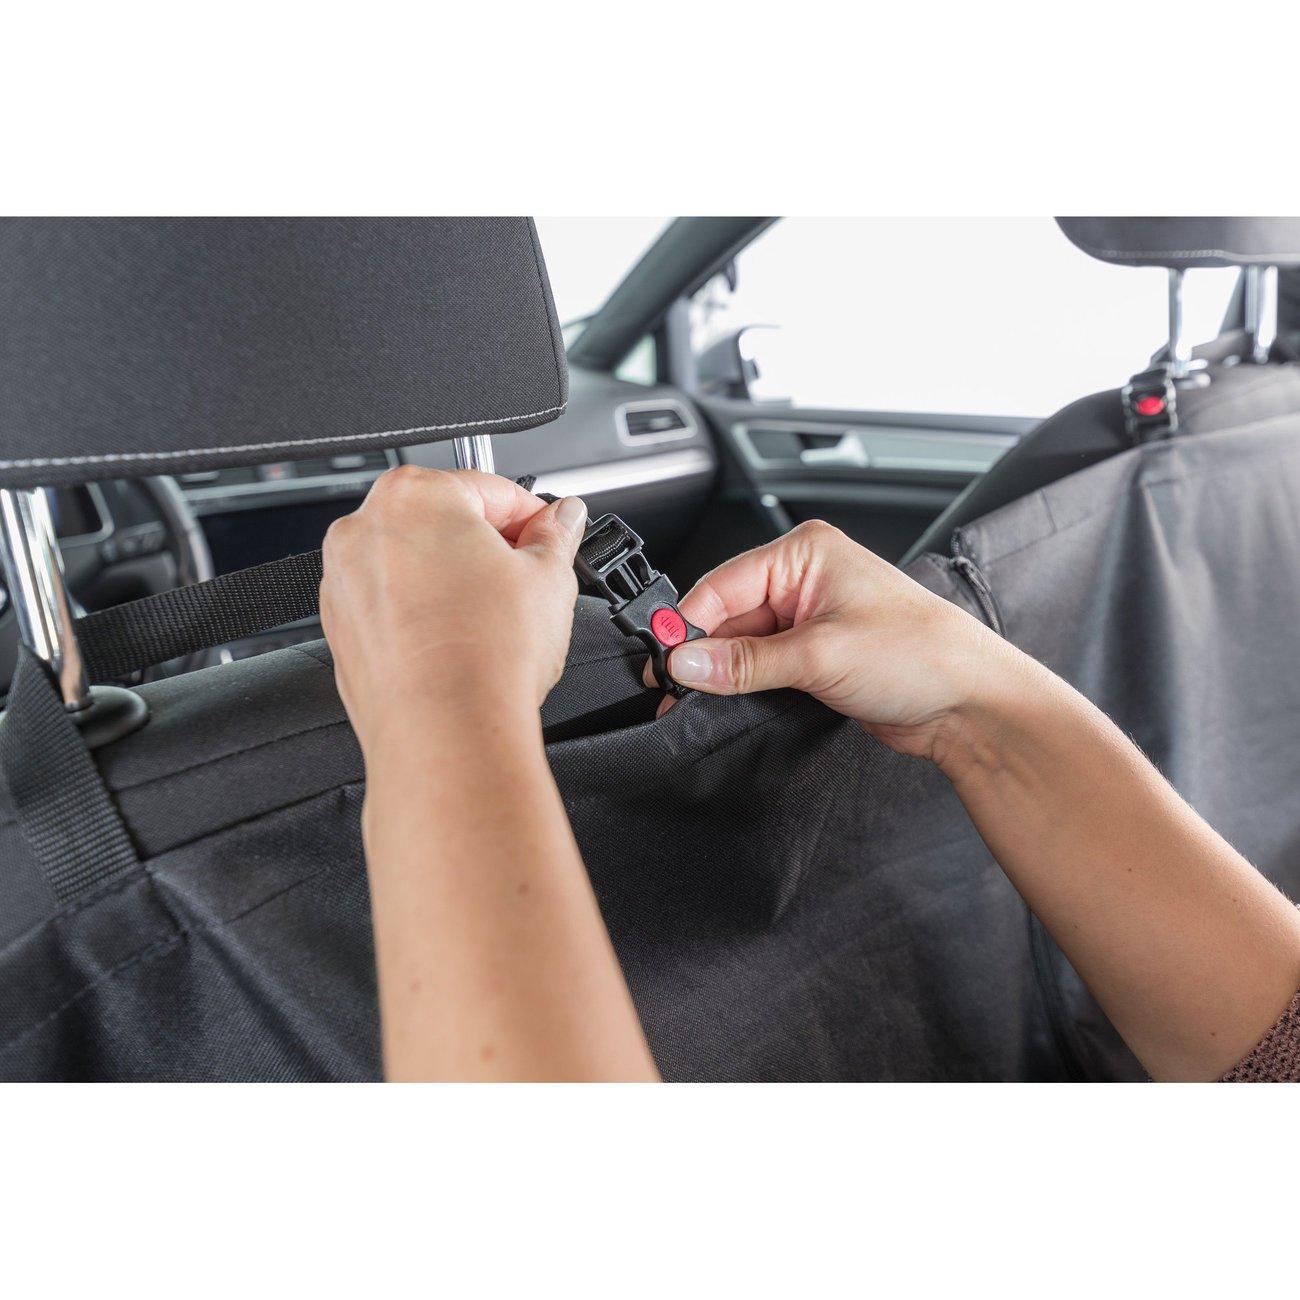 Auto Hundedecke mit Seitenteilen für Rücksitz Bild 12